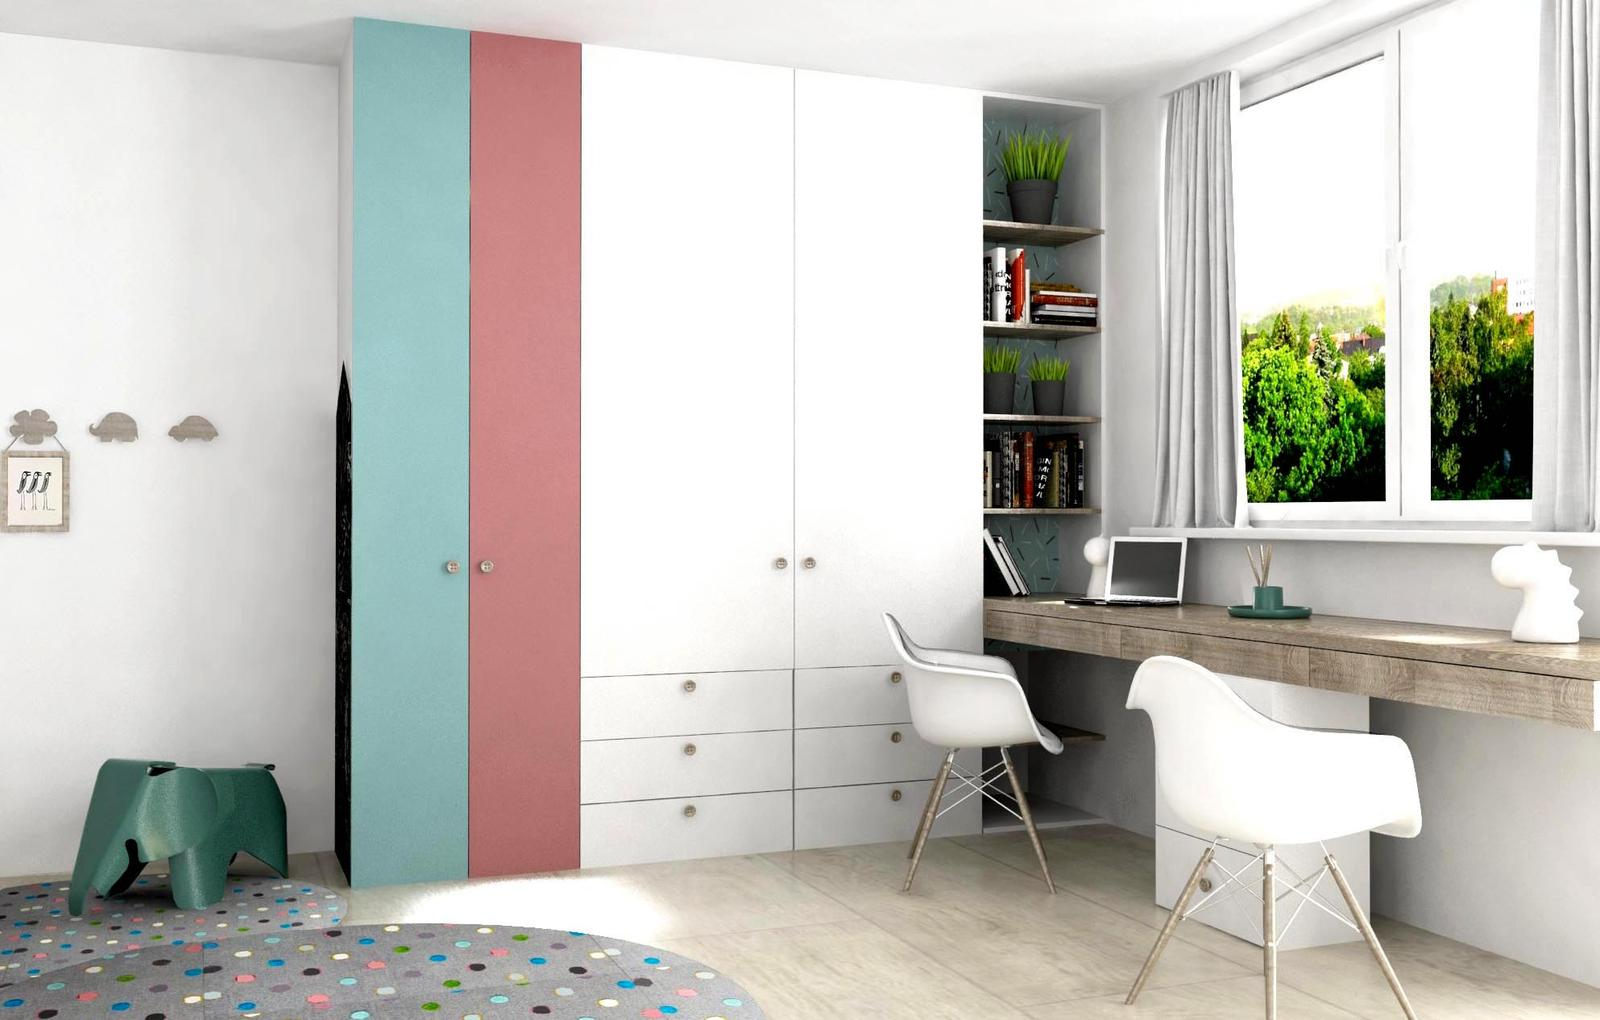 Moderný interiér bytu, návrh a zariadenie Malé Krasňany - Moderný interiér bytu- návrh, dizajn a zariadenie detskej izby.  Interiérový dizajn, výroba nábytku na mieru zo štúdia PRUNUS.